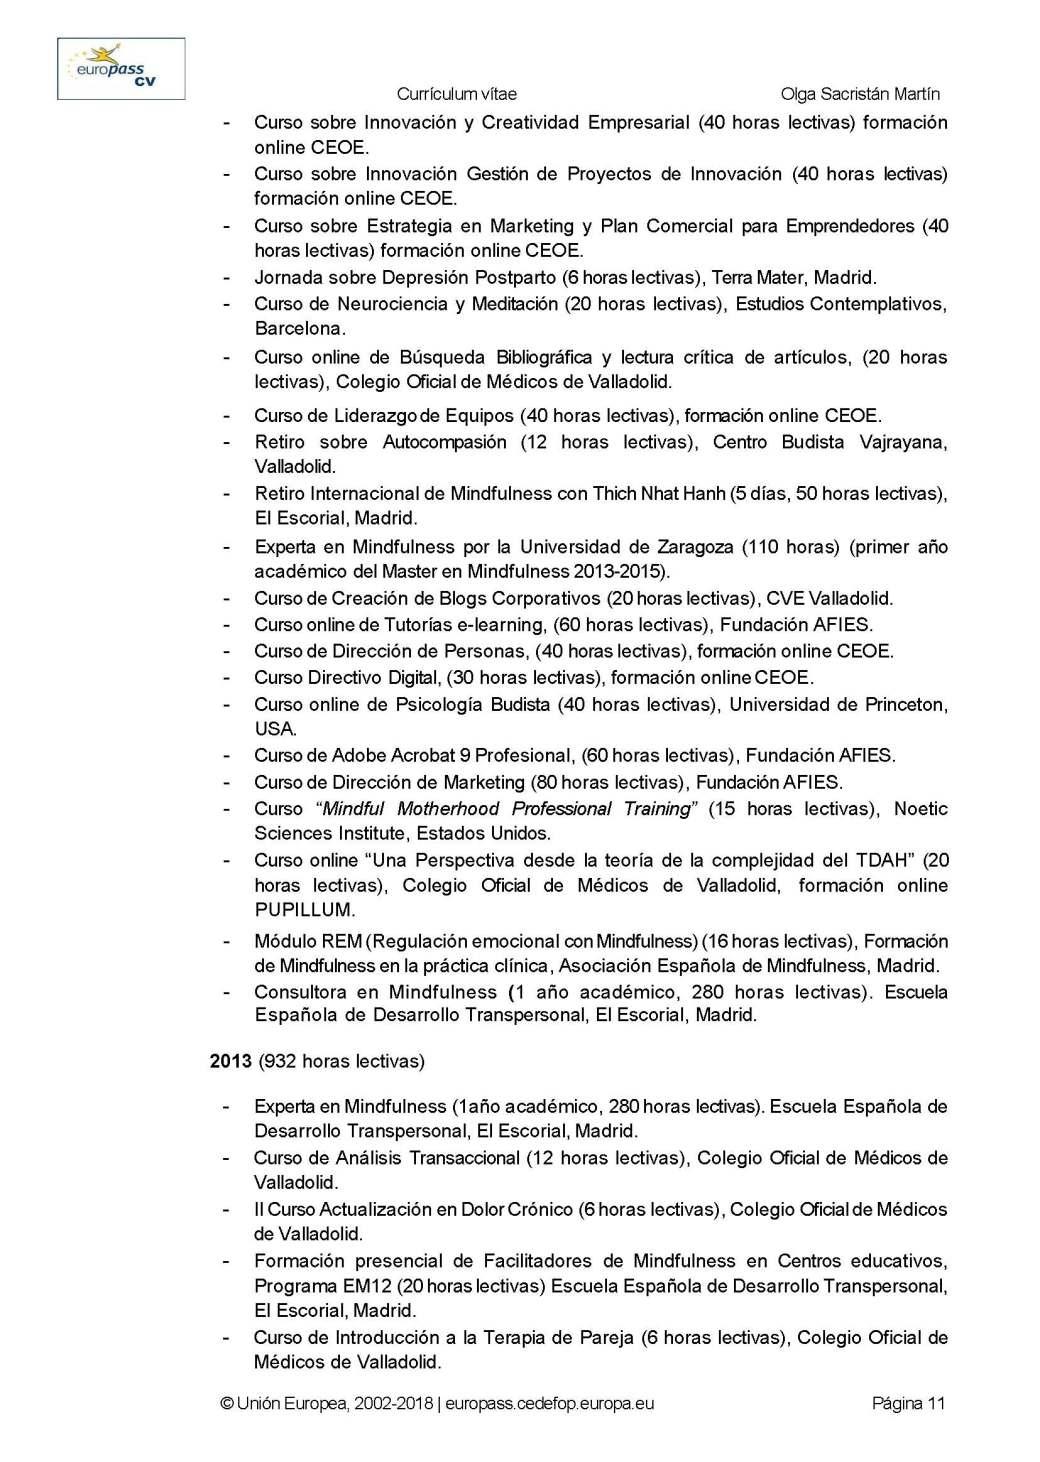 CURRICULUM EUROPASS DRA. OLGA SACRISTAN 2019_Página_11